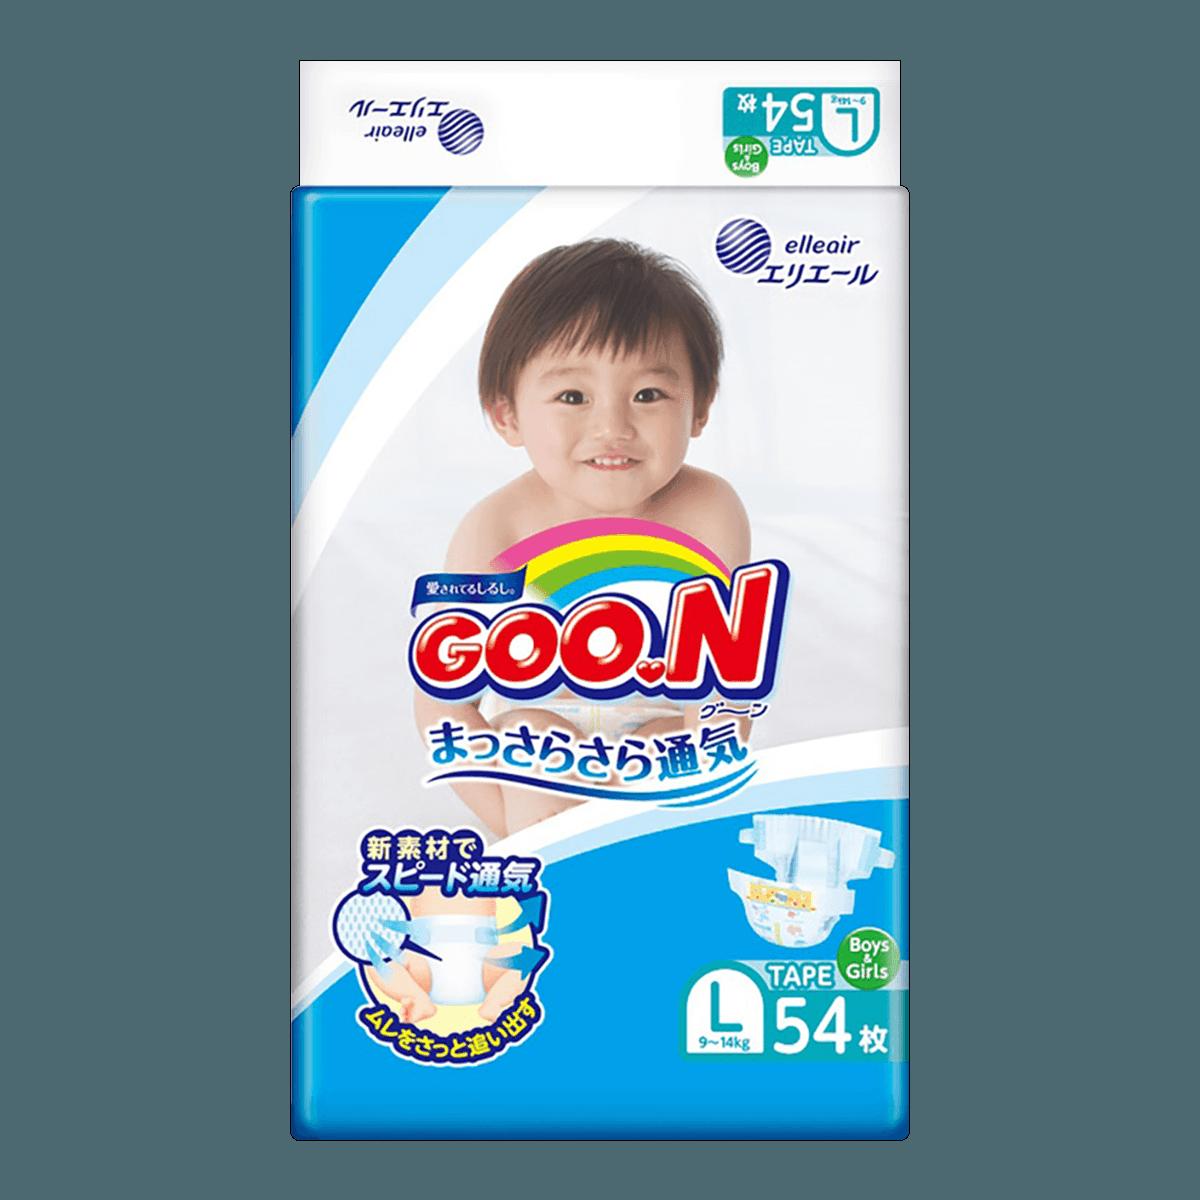 日本GOO.N大王 维E系列 通用婴儿环贴式纸尿裤 L号 9-14kg (20-30lb) 54枚入 怎么样 - 亚米网